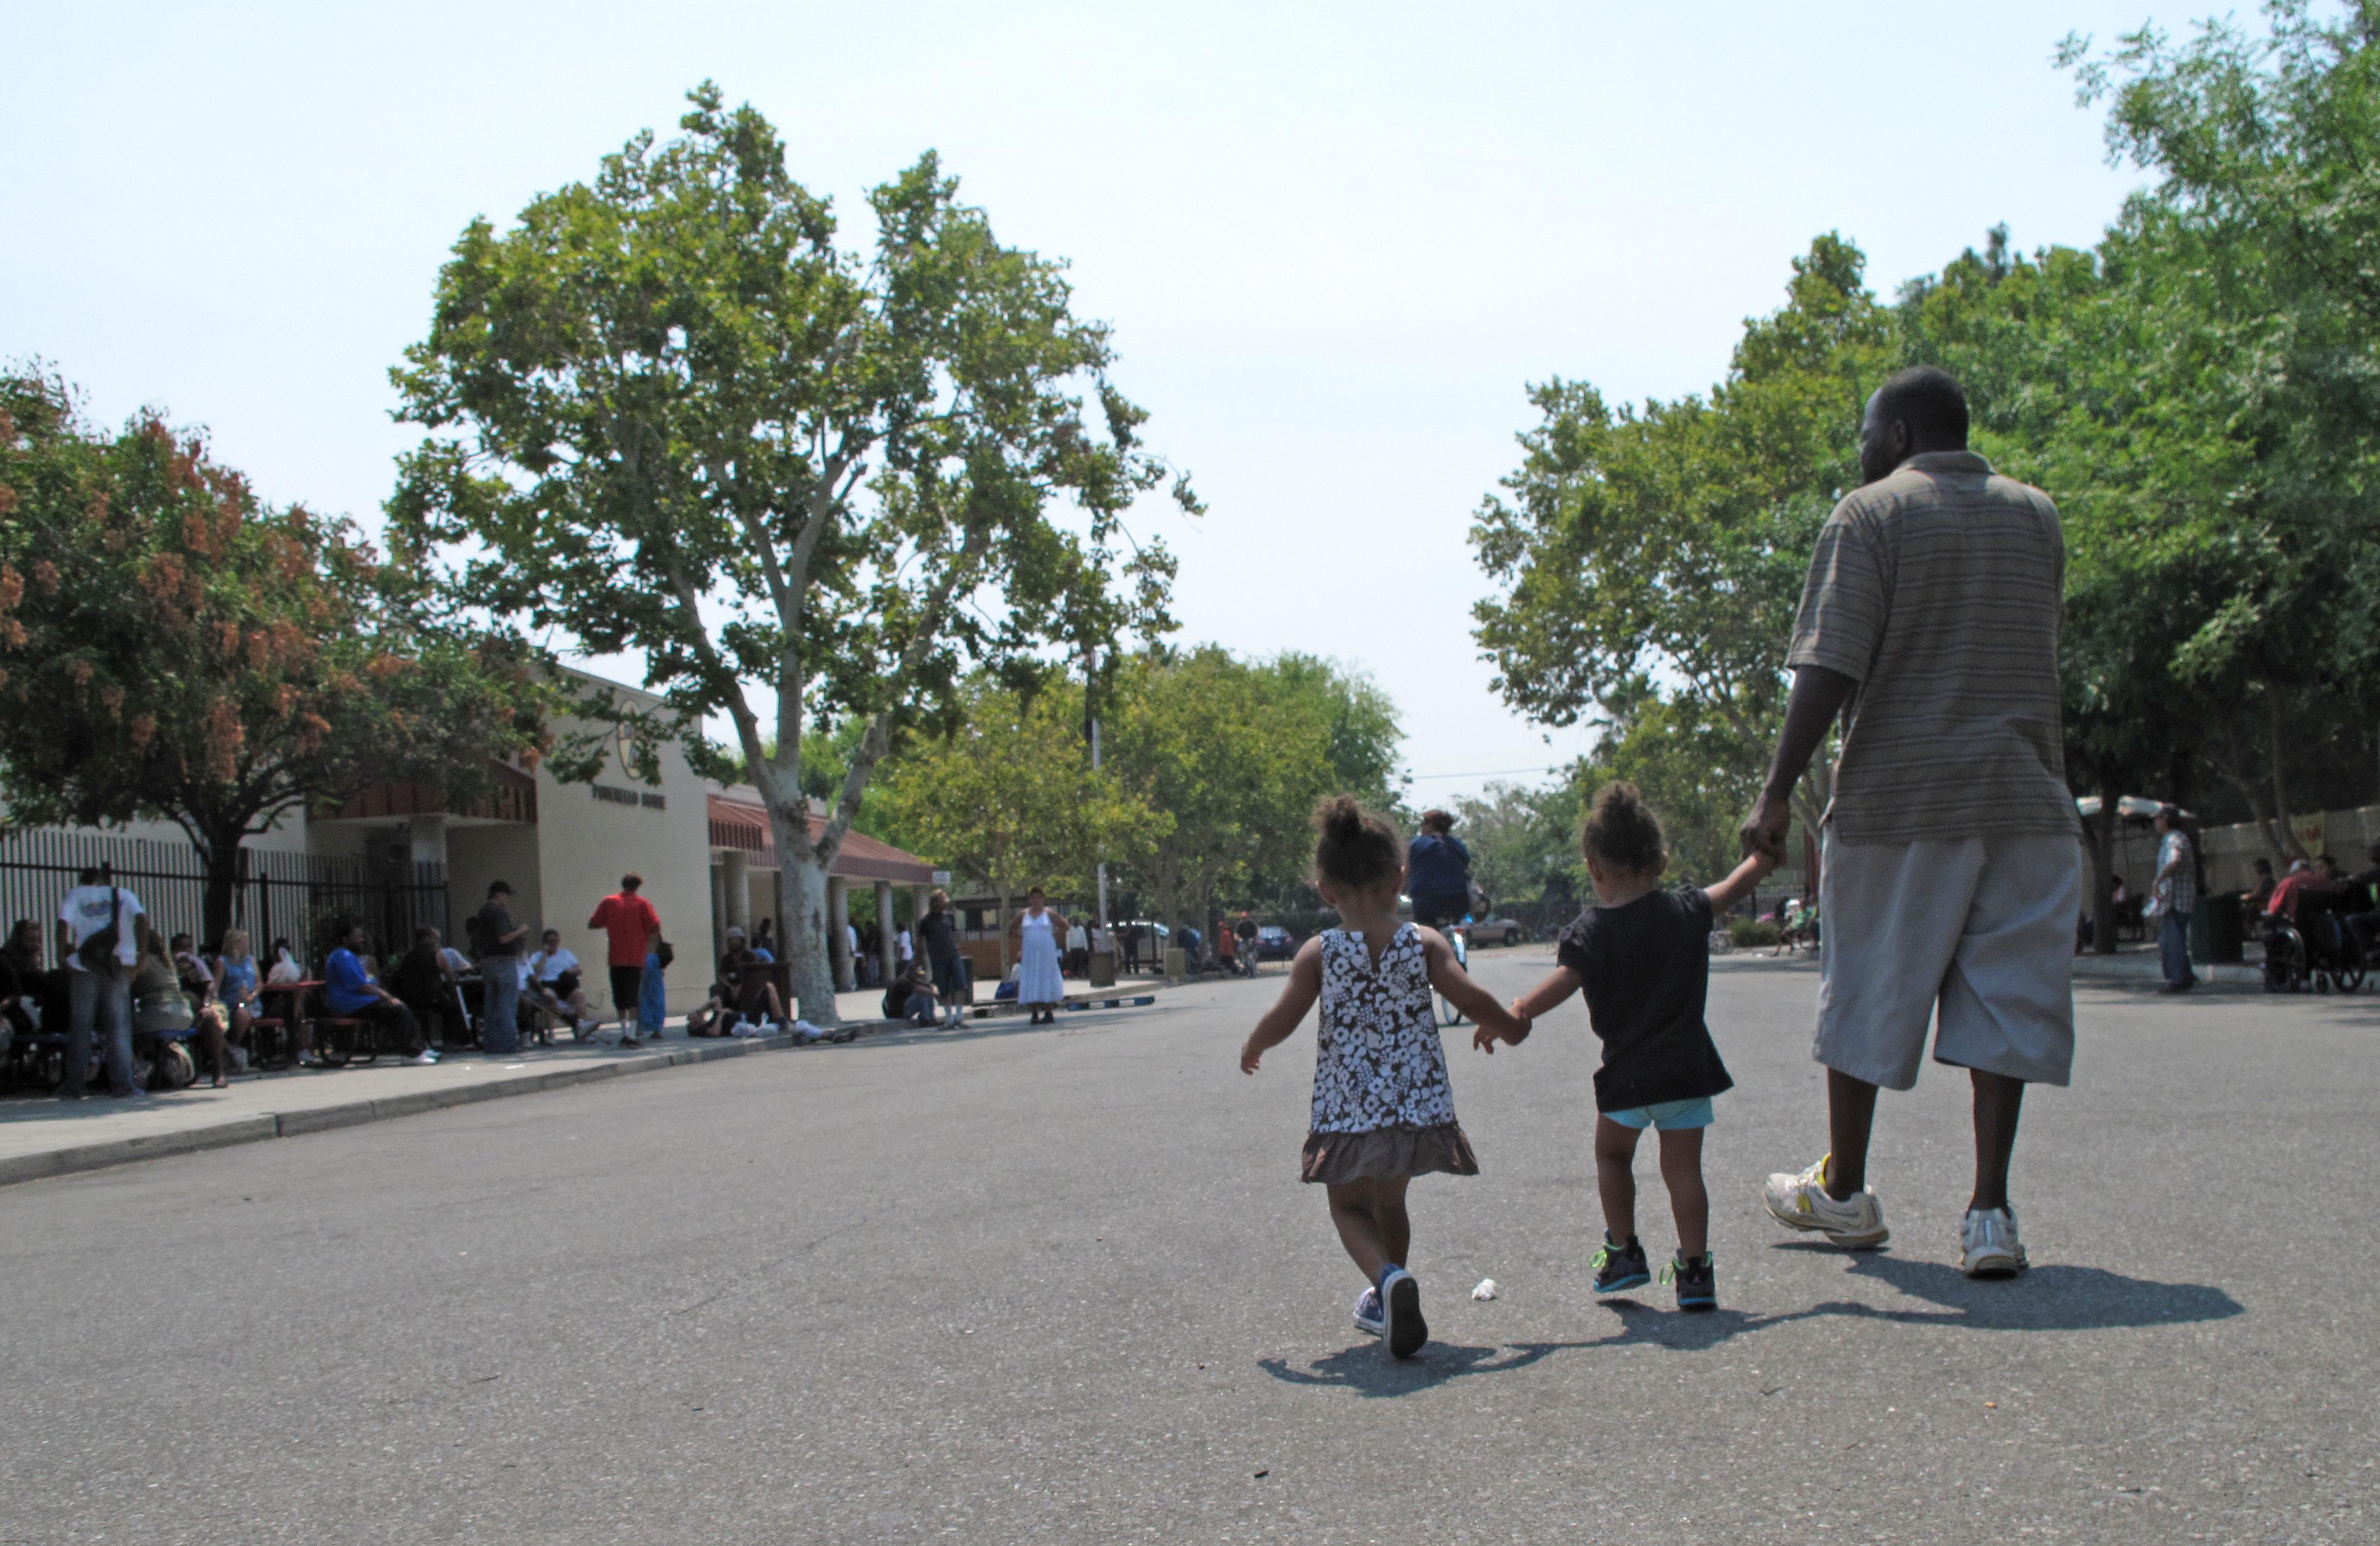 Photo: Man, children outside homeless shelter (AP Photo)